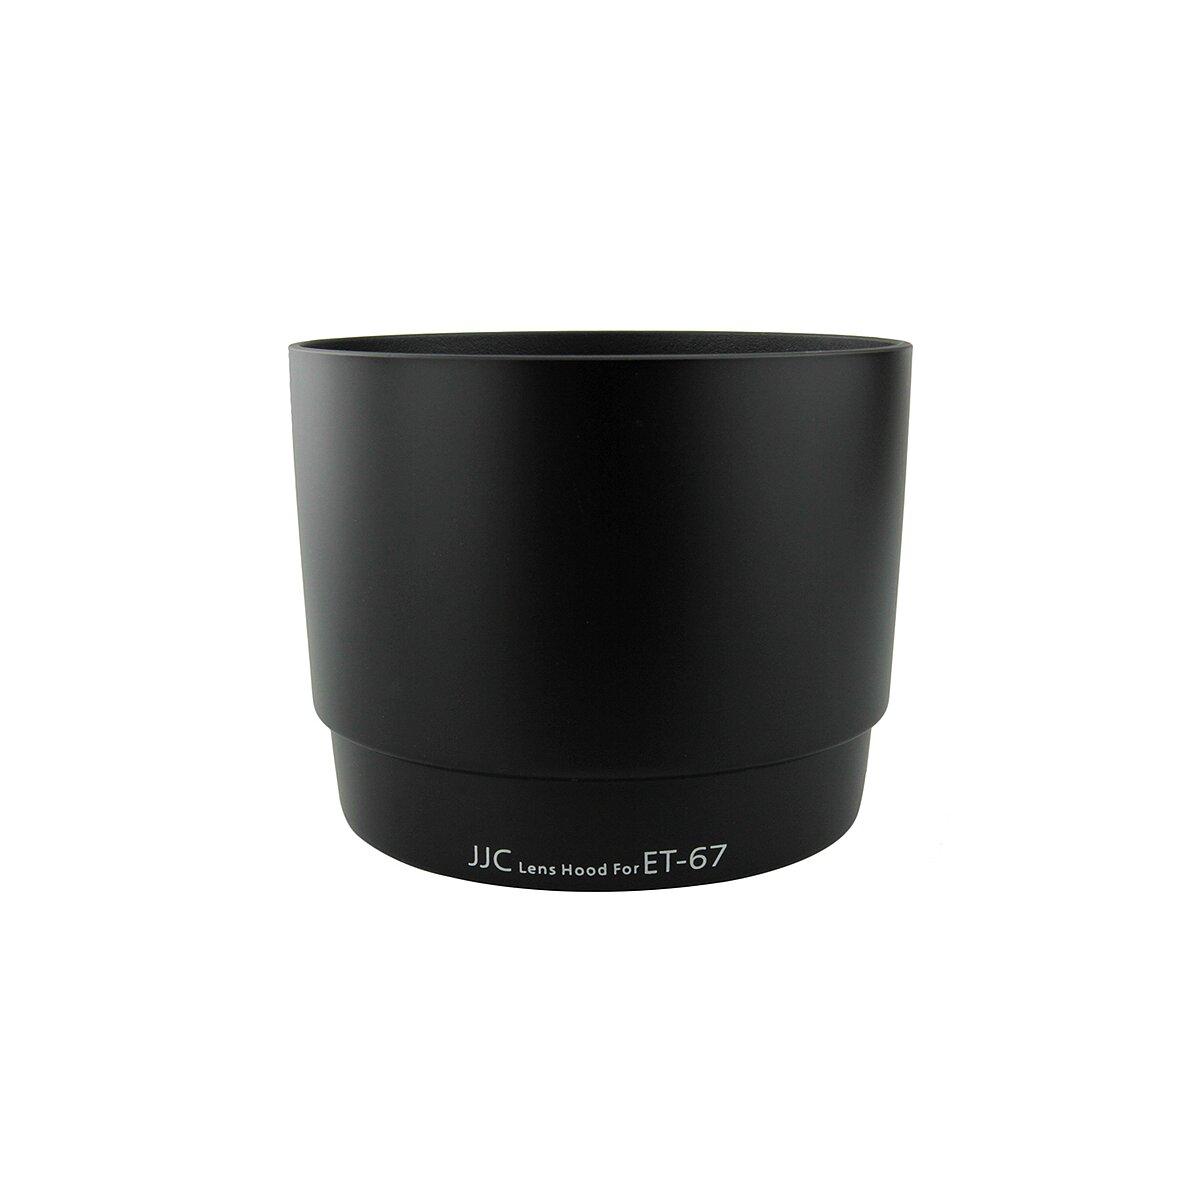 Lens Hood for Canon Lenses EF 100mm f / 2.8 Macro & EF 100mm f / 2.8 Macro USM - Similar to ET-67